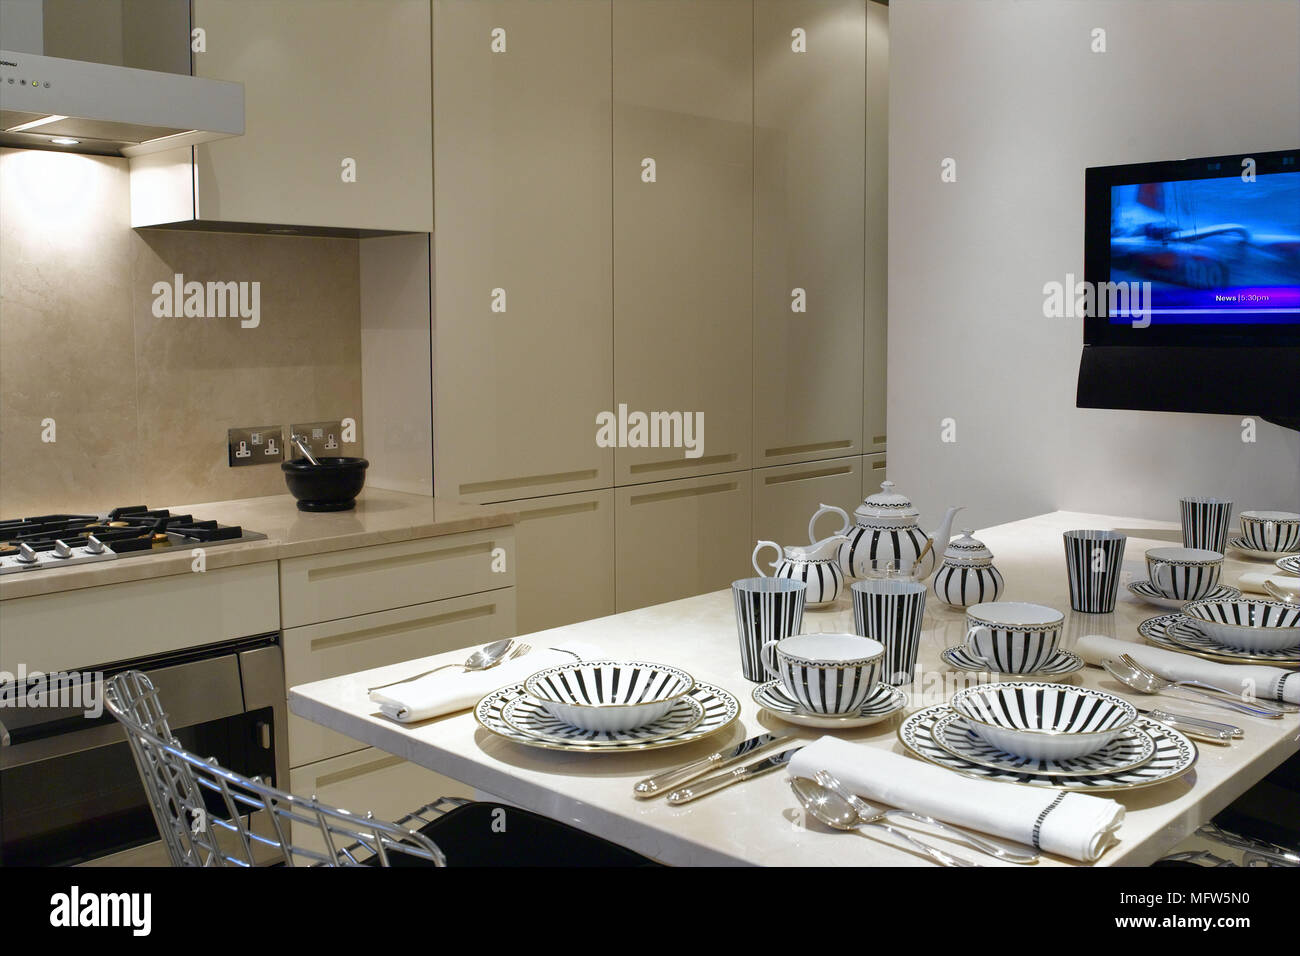 Beste Küchenecke Setzt Verkauf Bilder - Ideen Für Die Küche ...